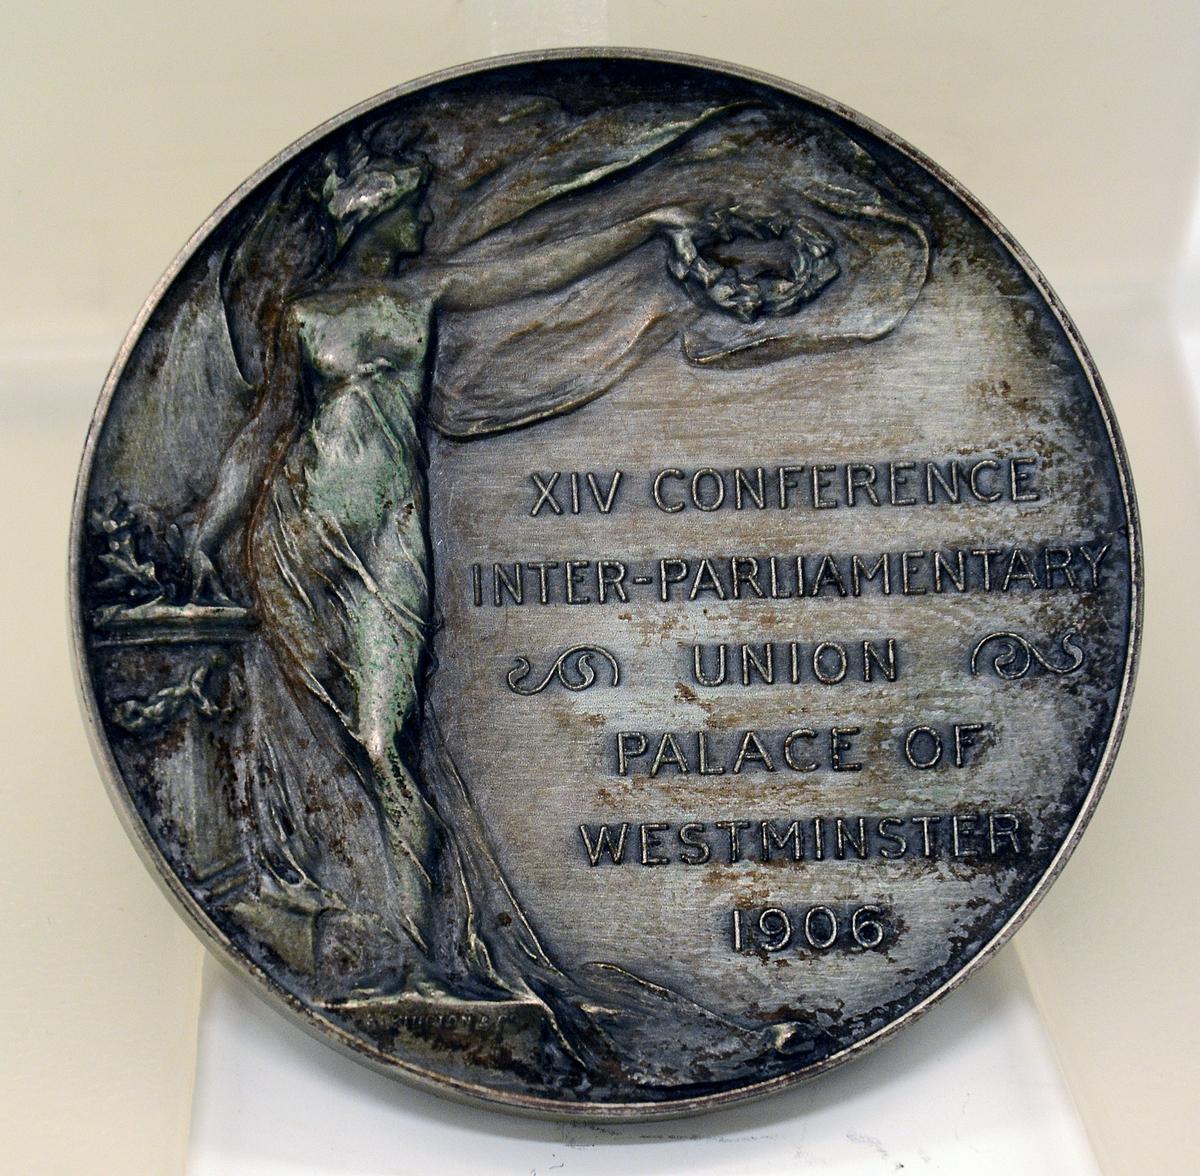 Minnemedalje i etui. Sirkelrund i metall. På den ene siden portrett av Edvard VII av England samt tekst: KING EDVARD VII THE PEACEMAKER. Under portrettet av Edvard teksten: A.WYON SC. På den andre siden bilde av gudinne og tekst: XIV CONFERENCE INTER-PARLIAMENTARY UNION PALACE OF WESTMINSTER 1906. Sirkelrundt, rødt etui med gullbokstaver: INTER-PARLIAMENTARY CONFERENCE LONDON 1906. Innvendig hvit silke i lokket med gullbokstaver: WYON 237 Regent Street W. Blå fløyel i bunnen og blått silkebånd. Metallåpner og hengsle.